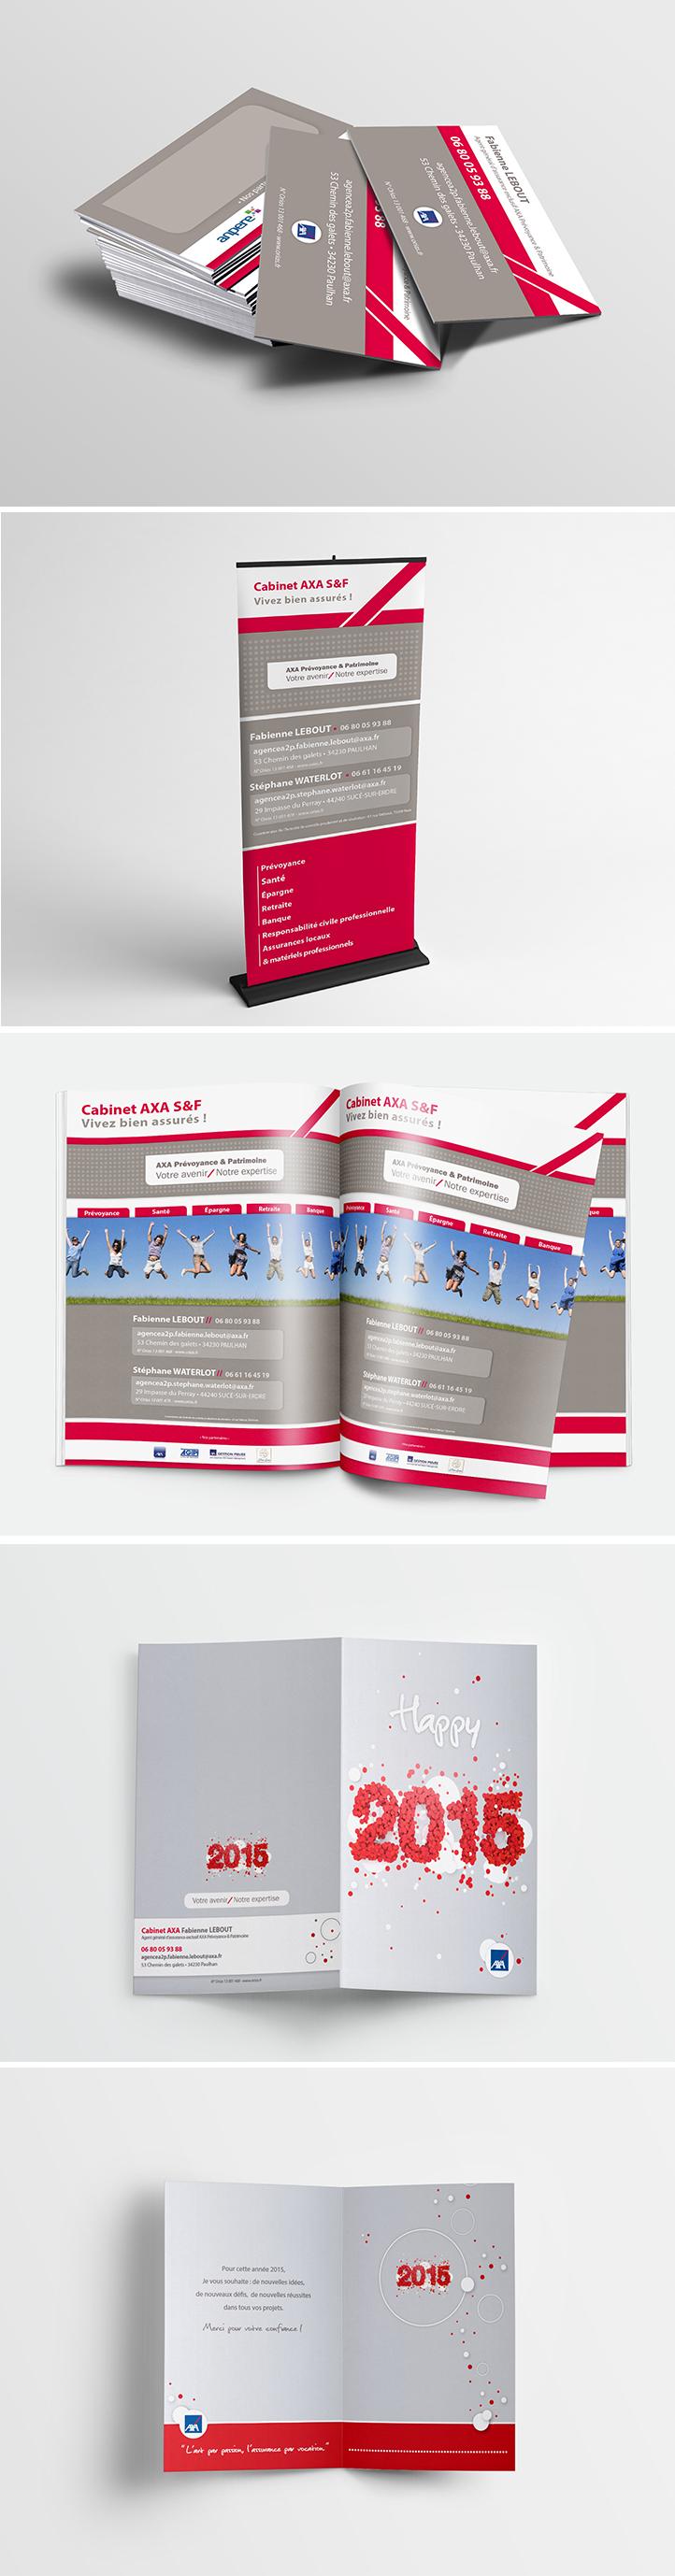 Creation Graphique Et Impression De Supports Communication Pour Un Agent A2P AXA O Mis En Place Carte Visite Encart Publicitaire Roll Up